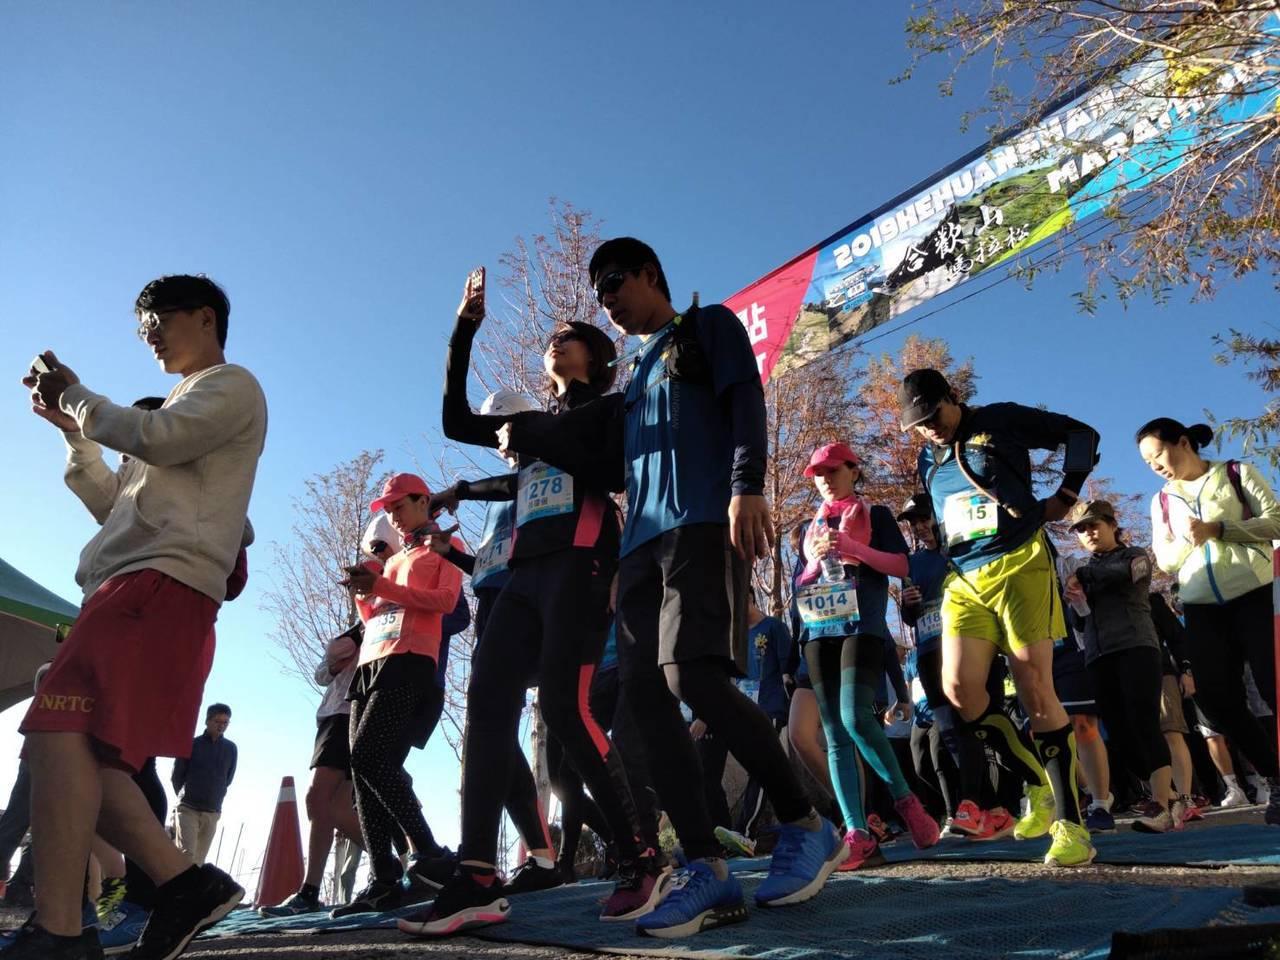 合歡山馬拉松今天清晨起跑,選手需挑戰海拔3275公尺的武嶺。圖/南投縣政府提供